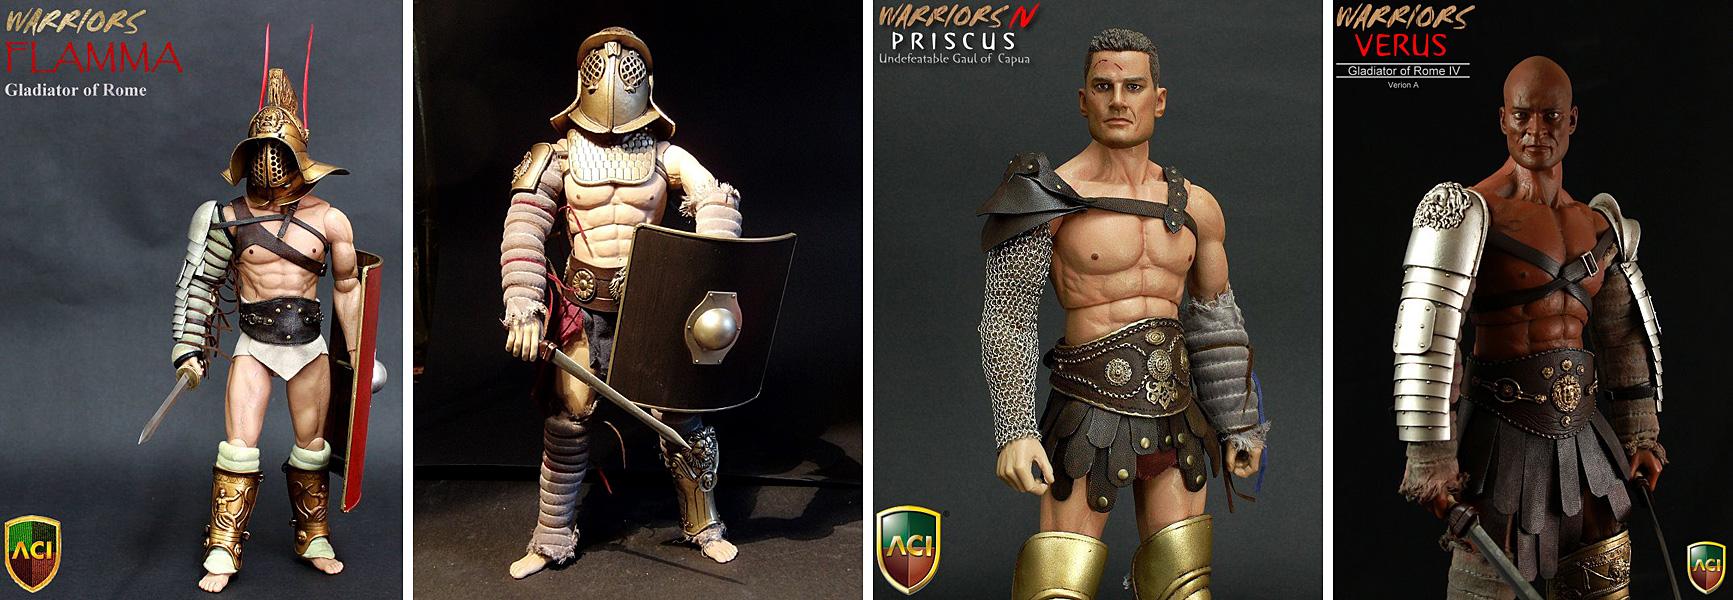 aci-gladiator